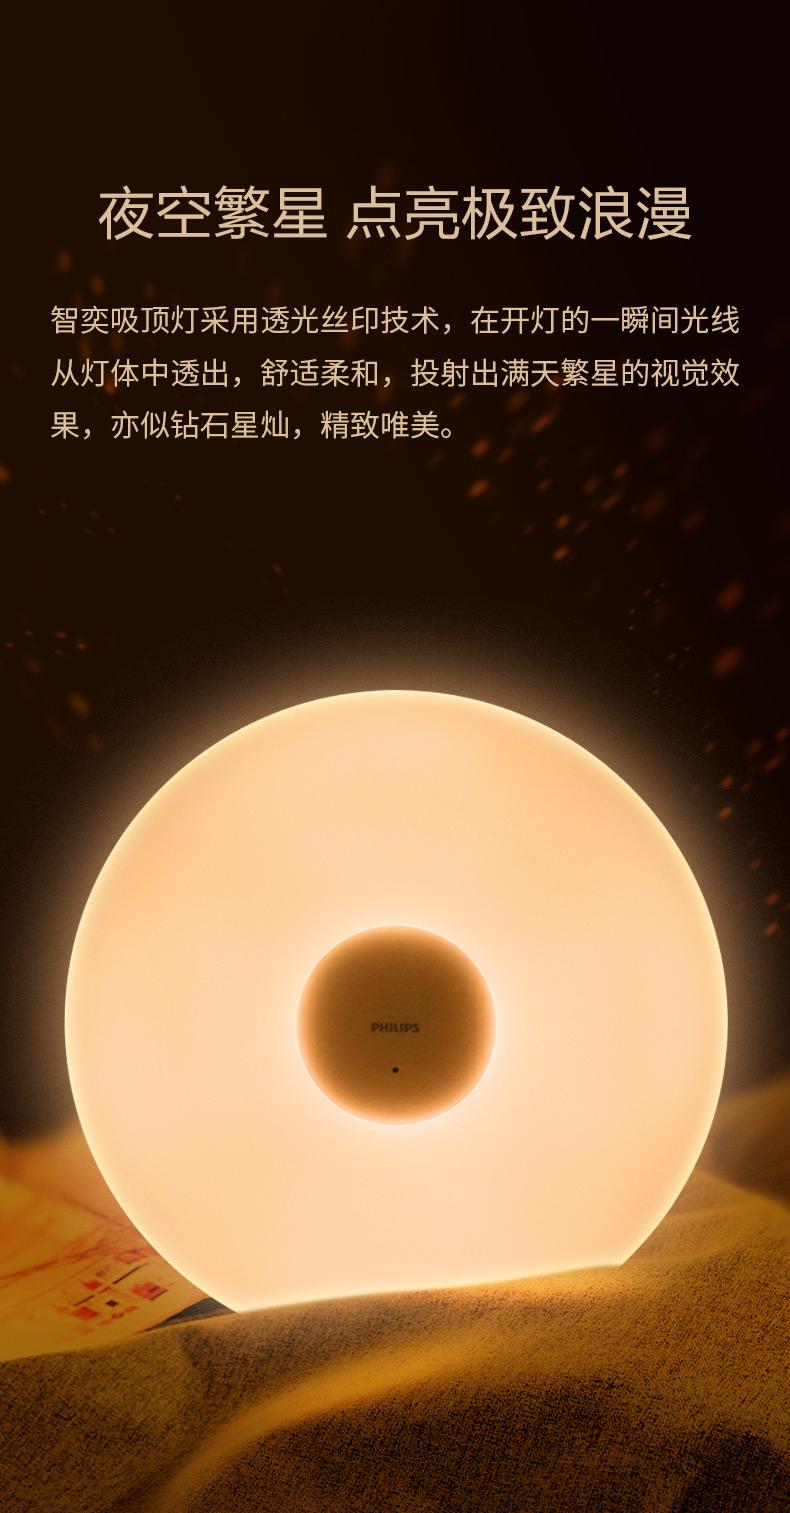 philips飛利浦智能燈具吸頂燈小米米家吸頂燈客廳現代簡約星空智奕